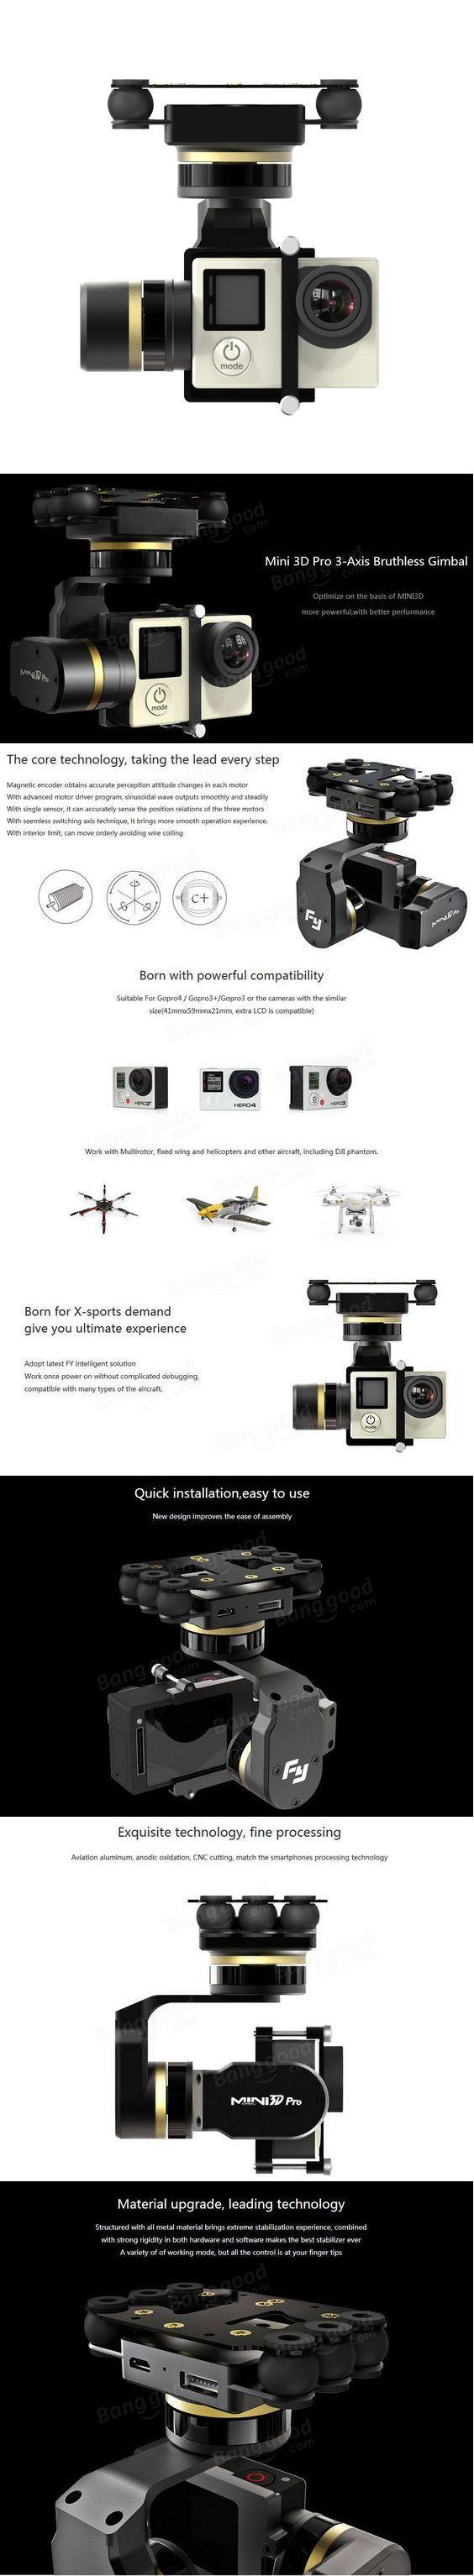 Feiyu Tech FY MiNi3D Pro 3 Axis 6 Damper Ball Brushless Gimbal For GoPro4 GoPro3+ GoPro3 Sport Camera